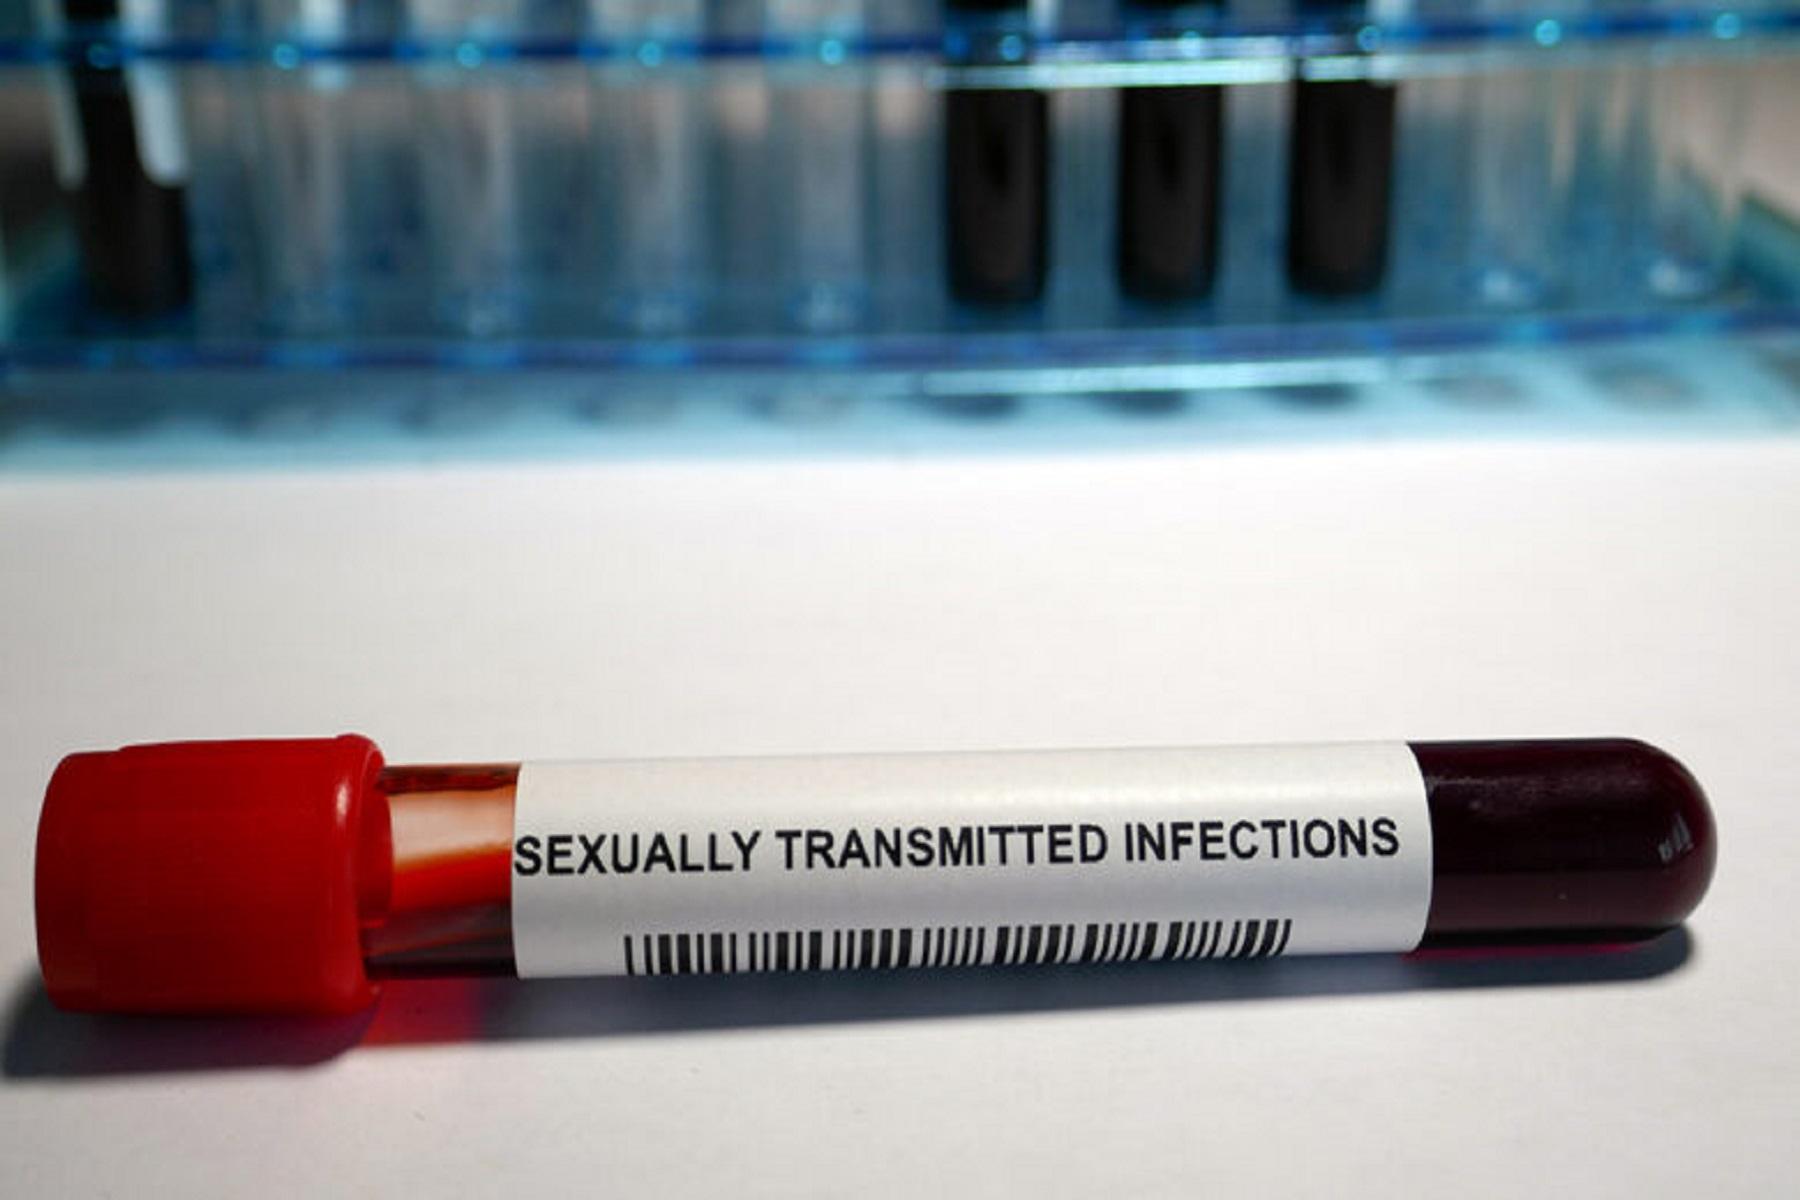 Μελέτη Κορωνοϊός: Αύξηση των σεξουαλικά μεταδιδόμενων νοσημάτων λόγω μειωμένων τεστ εν μέσω πανδημίας